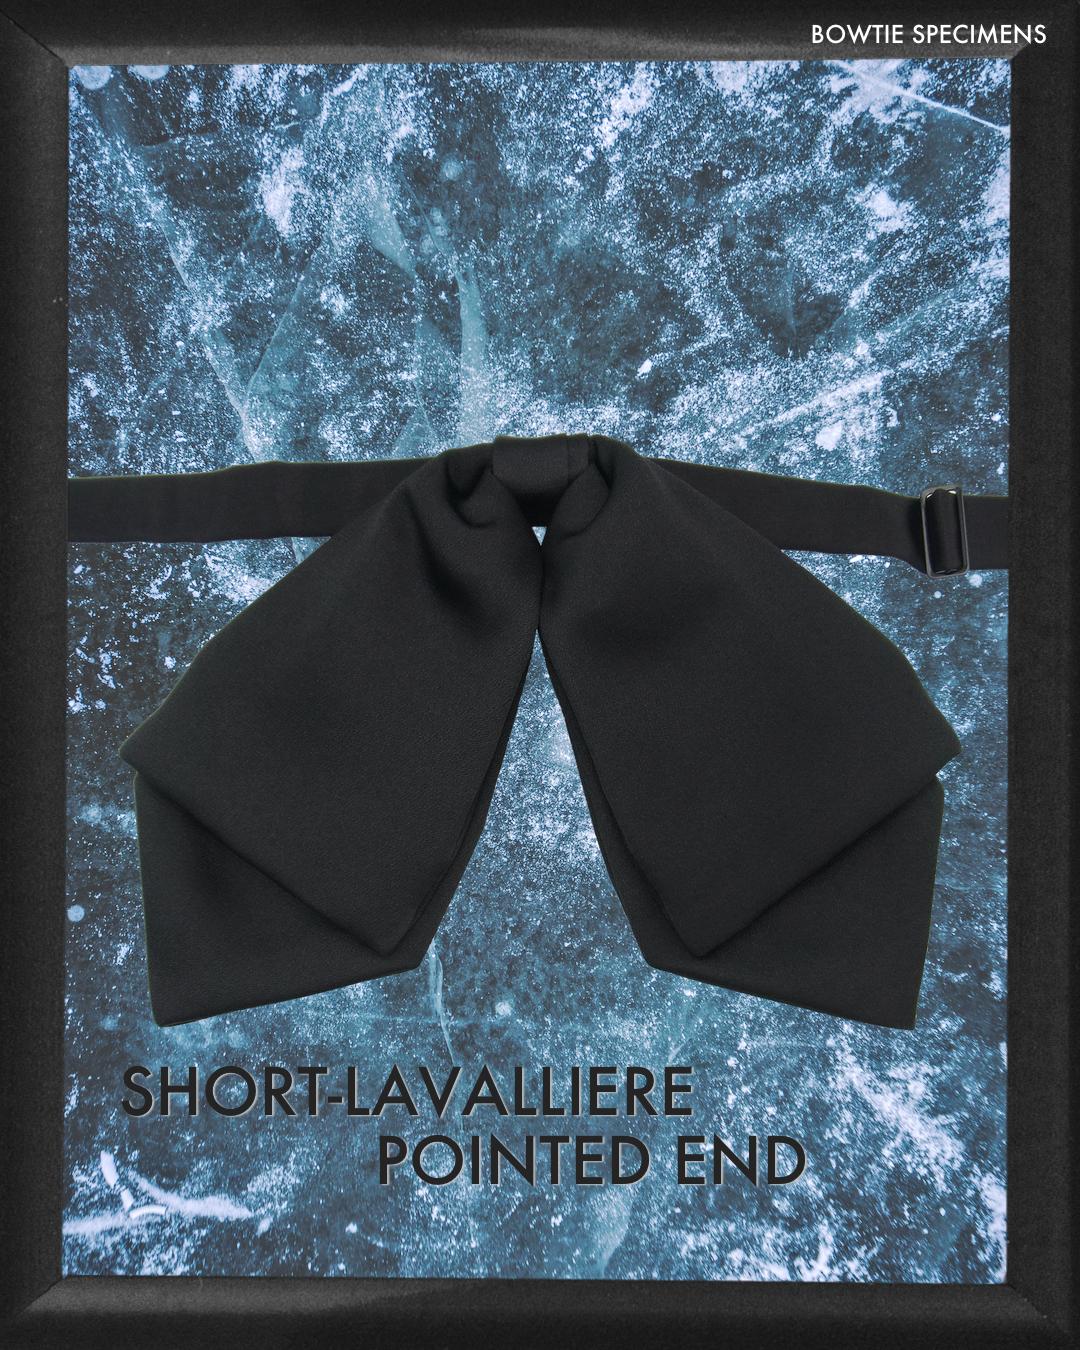 復刻版 ショートラバリエール・ポインテッドエンド (ブラックサテン/ソリッド) 作り結び型〈蝶ネクタイ デザイン 黒 リボン ラバリエ ラヴァリエ〉